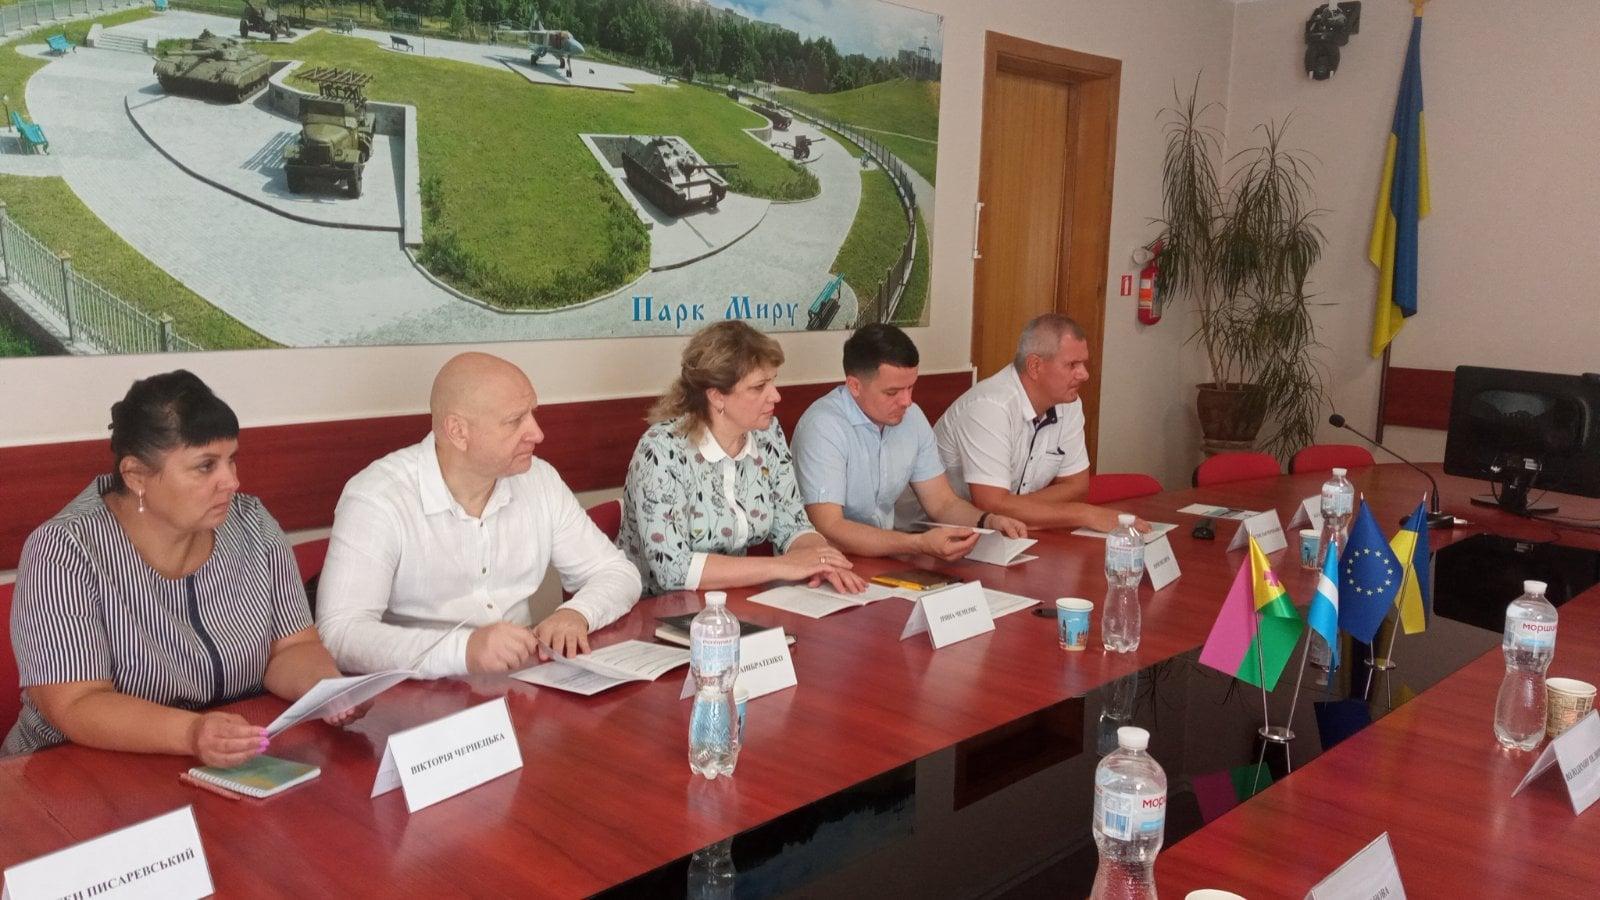 Кременчук-Олександрія: налагоджується співпраця міст і діалог громад